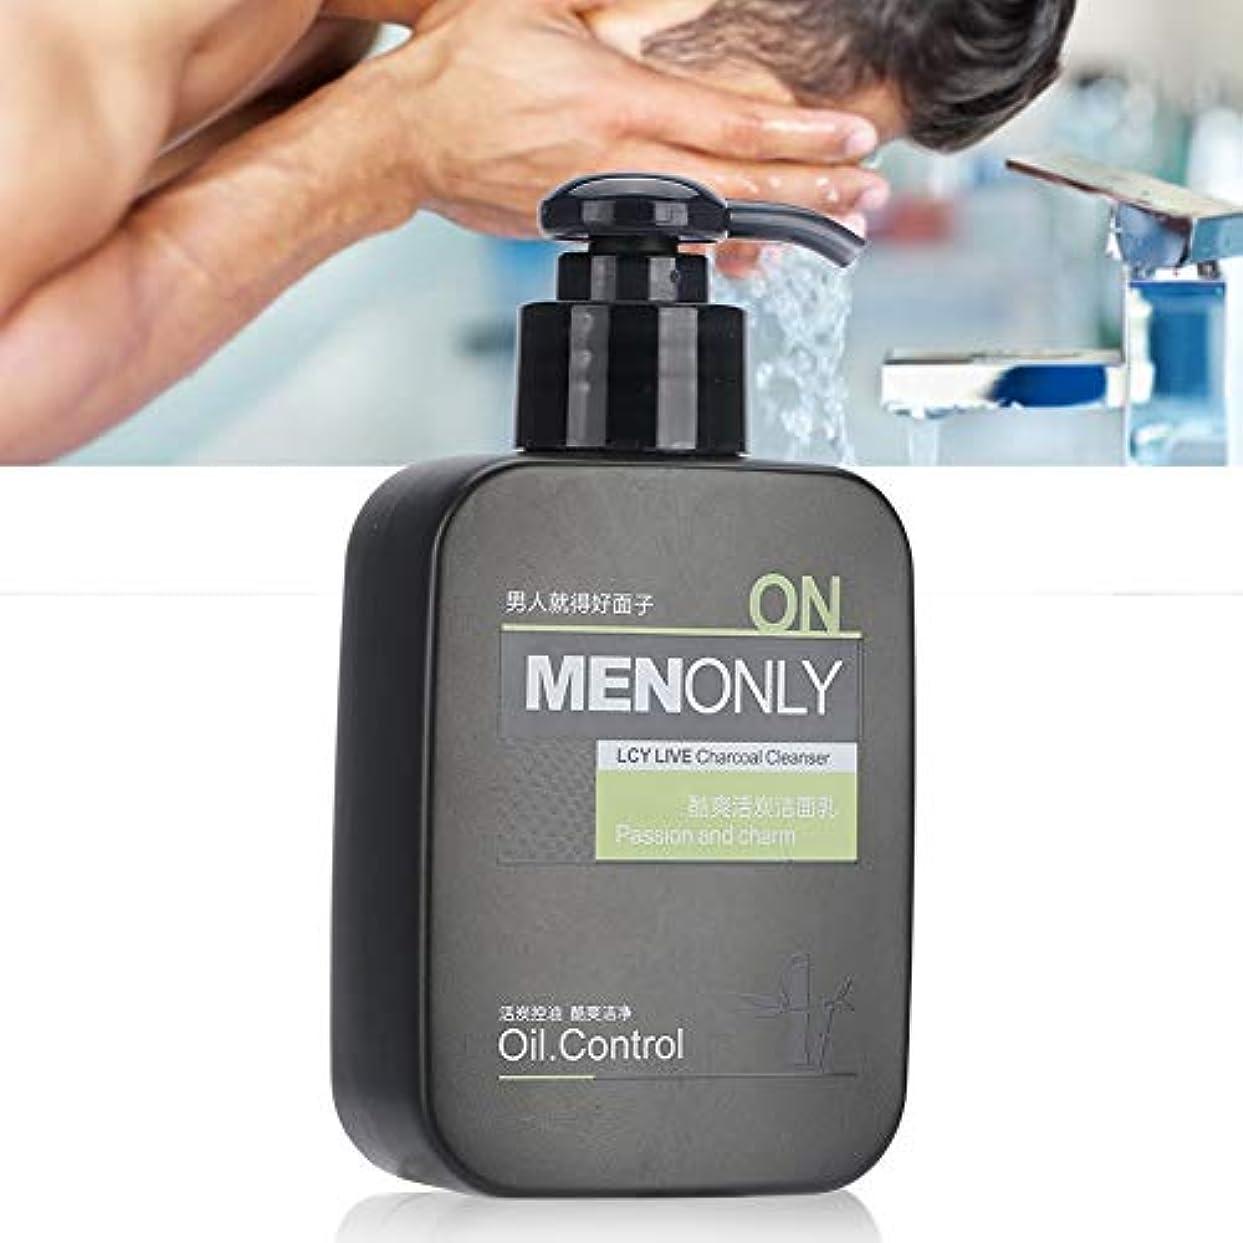 インターネット遠征最終活性炭用洗剤、オイルコントロール用洗剤、にきび用洗剤、男性用洗顔用フォーム洗剤168ml